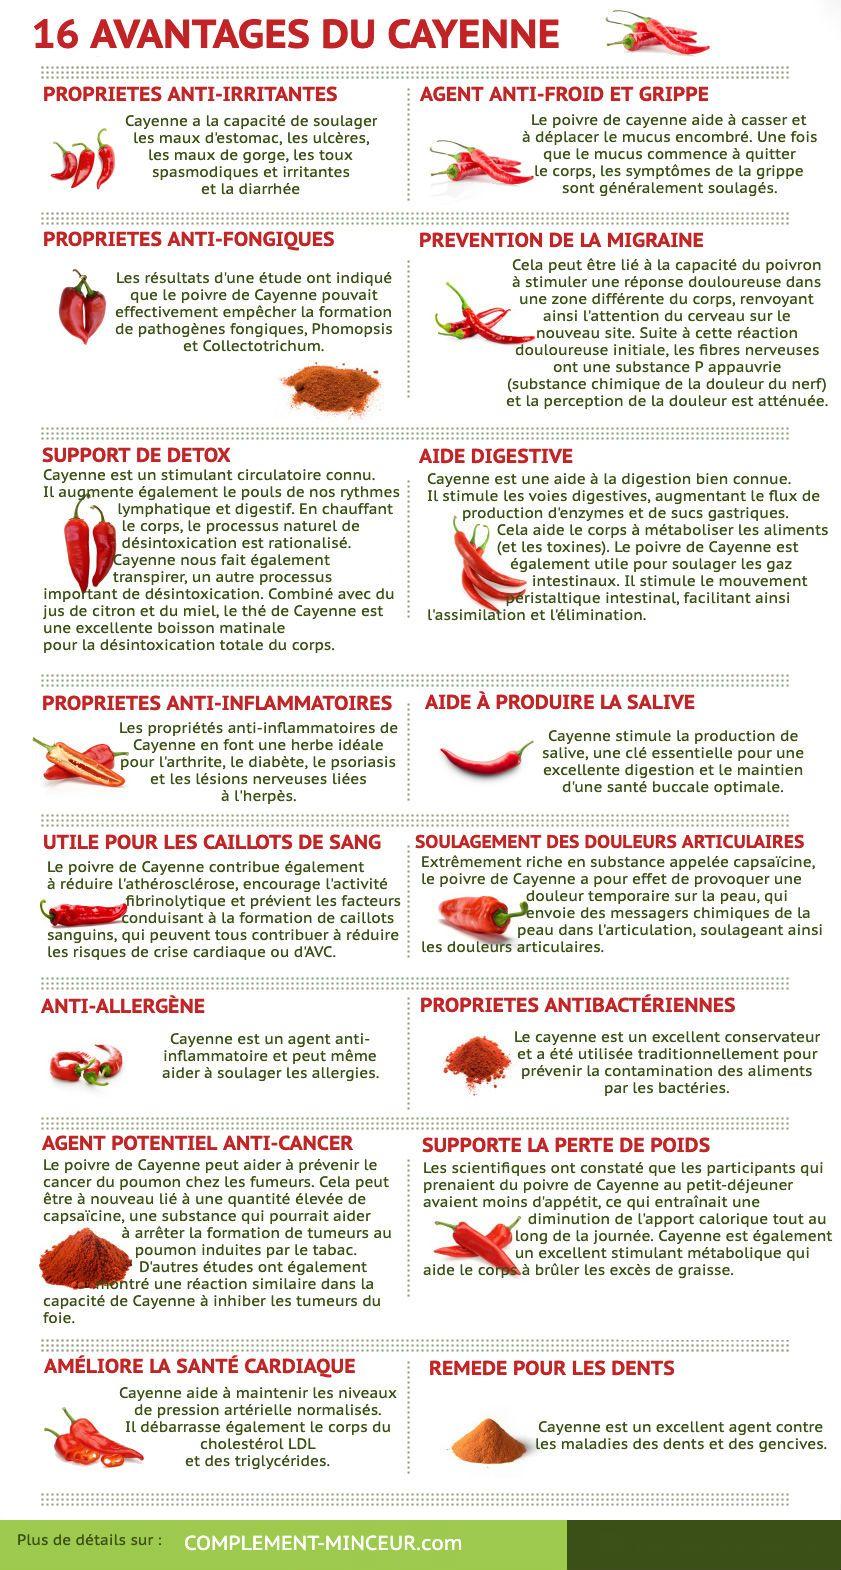 Les 10 meilleurs compléments alimentaires naturels pour perdre du poids